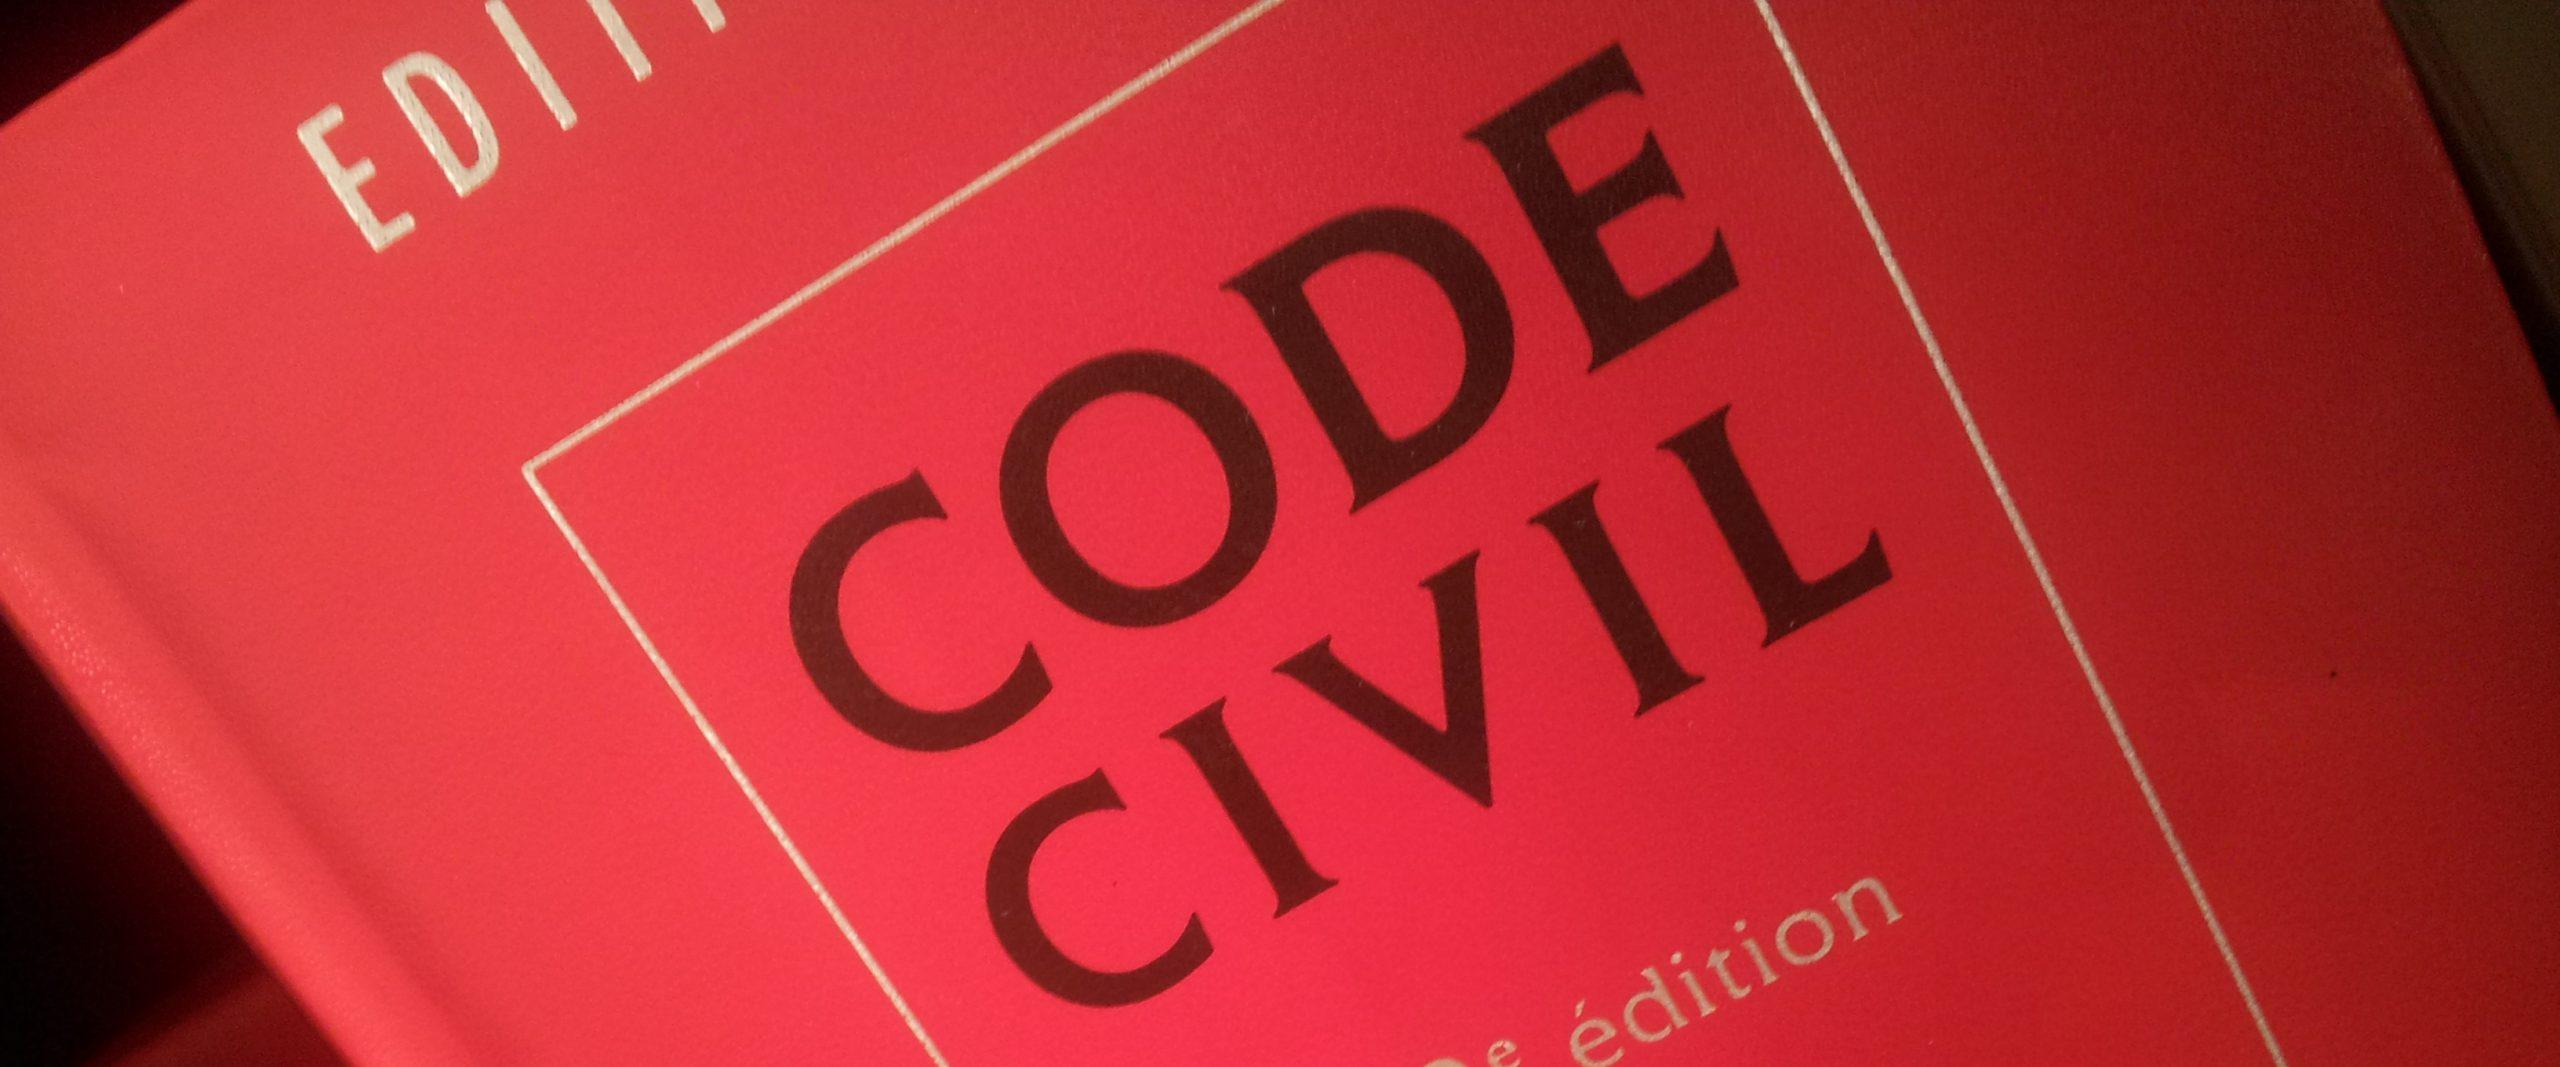 déni-de-justice-def-définition-juridique-code-civil-exemple-avocat